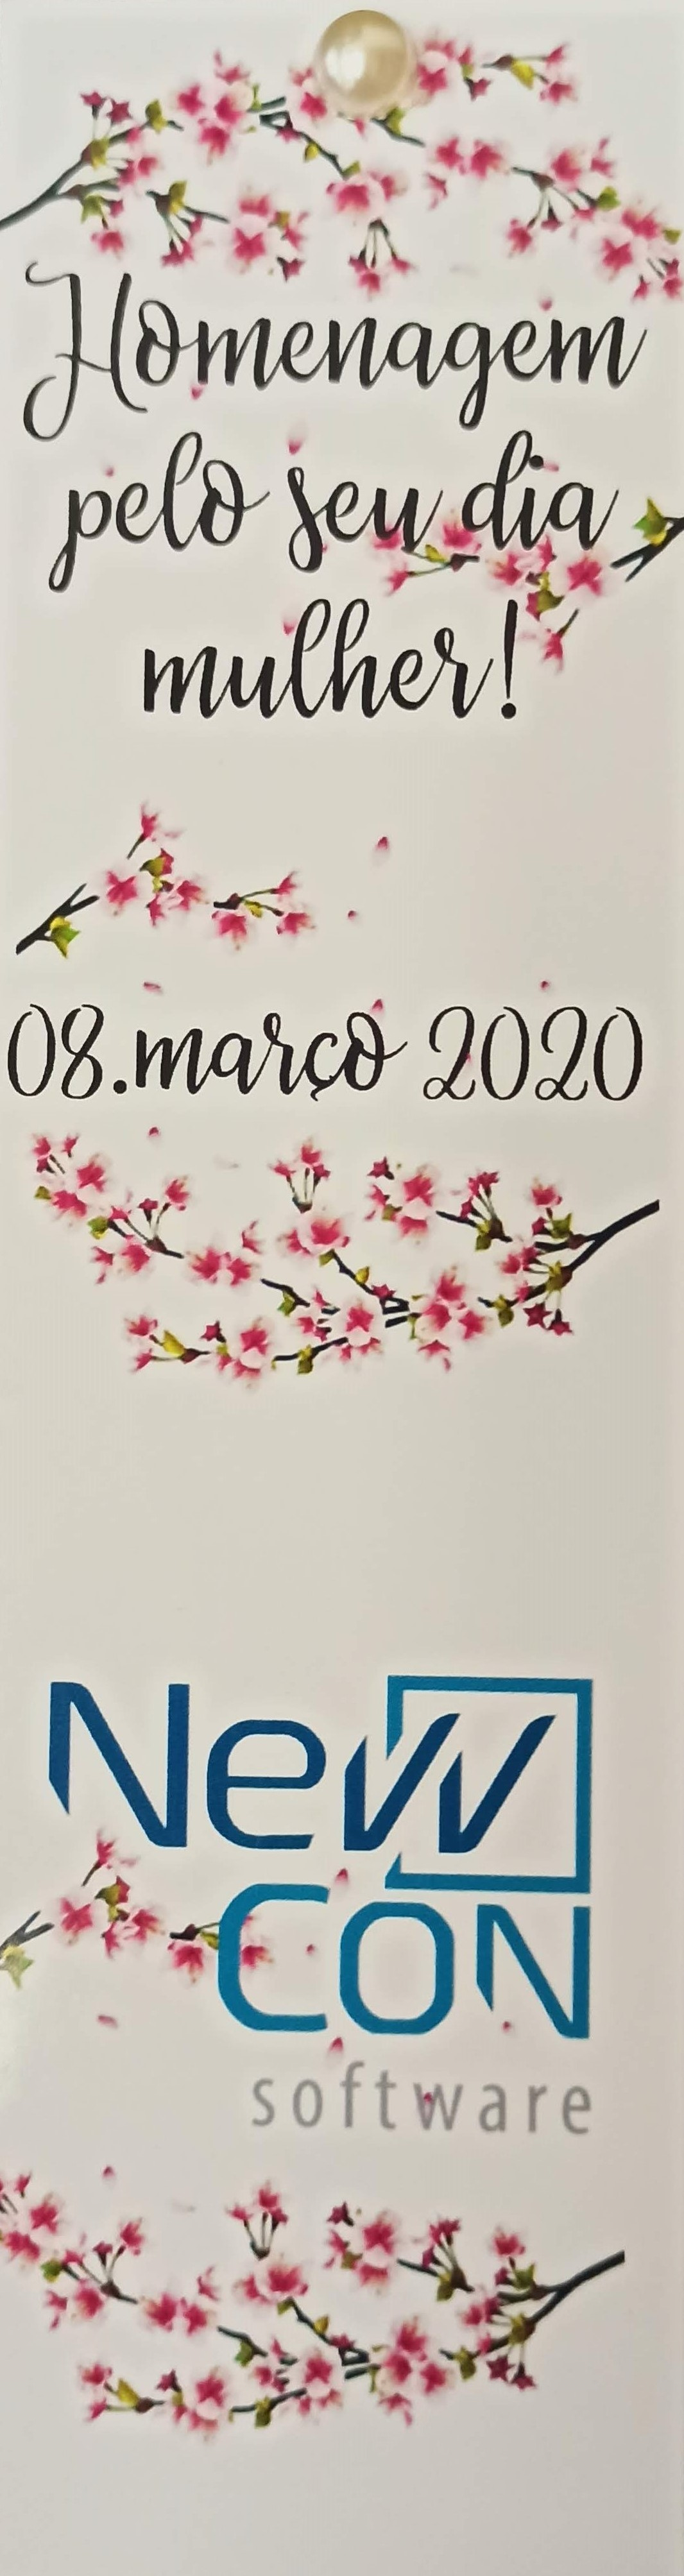 63202052_Dia da mulher 2020.jpg